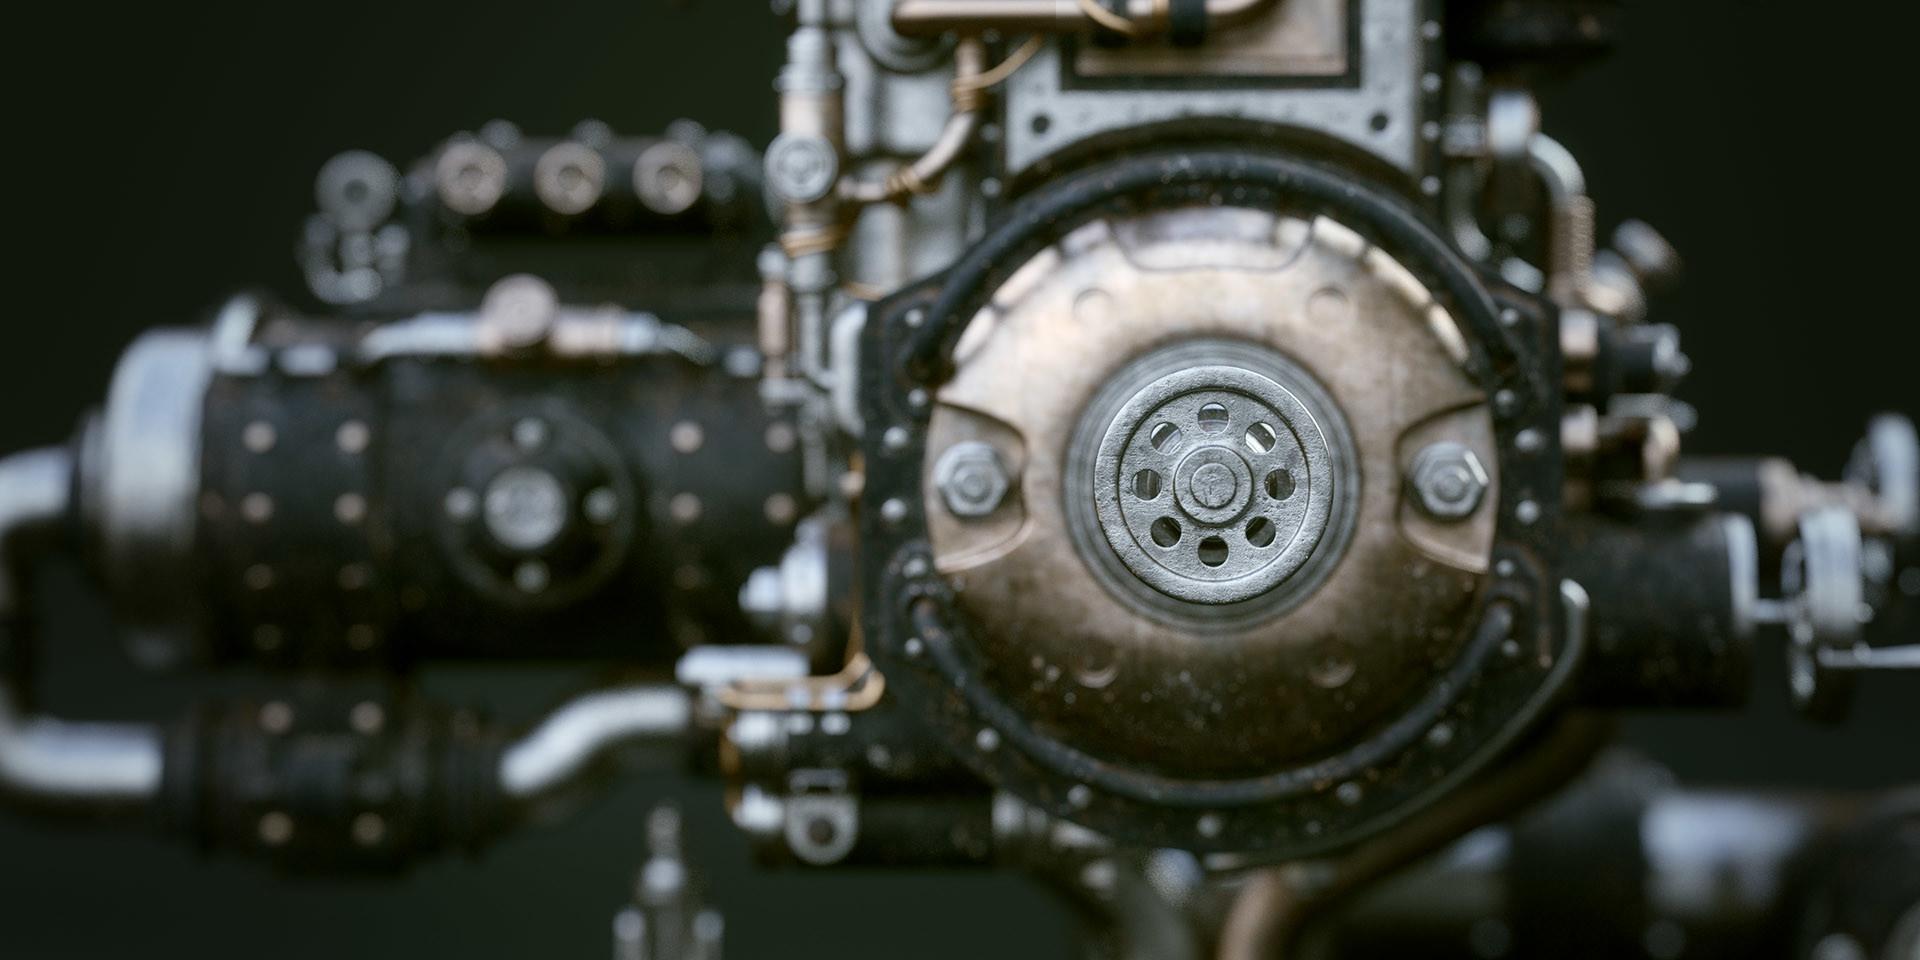 Toni bratincevic fumudifier v01 05